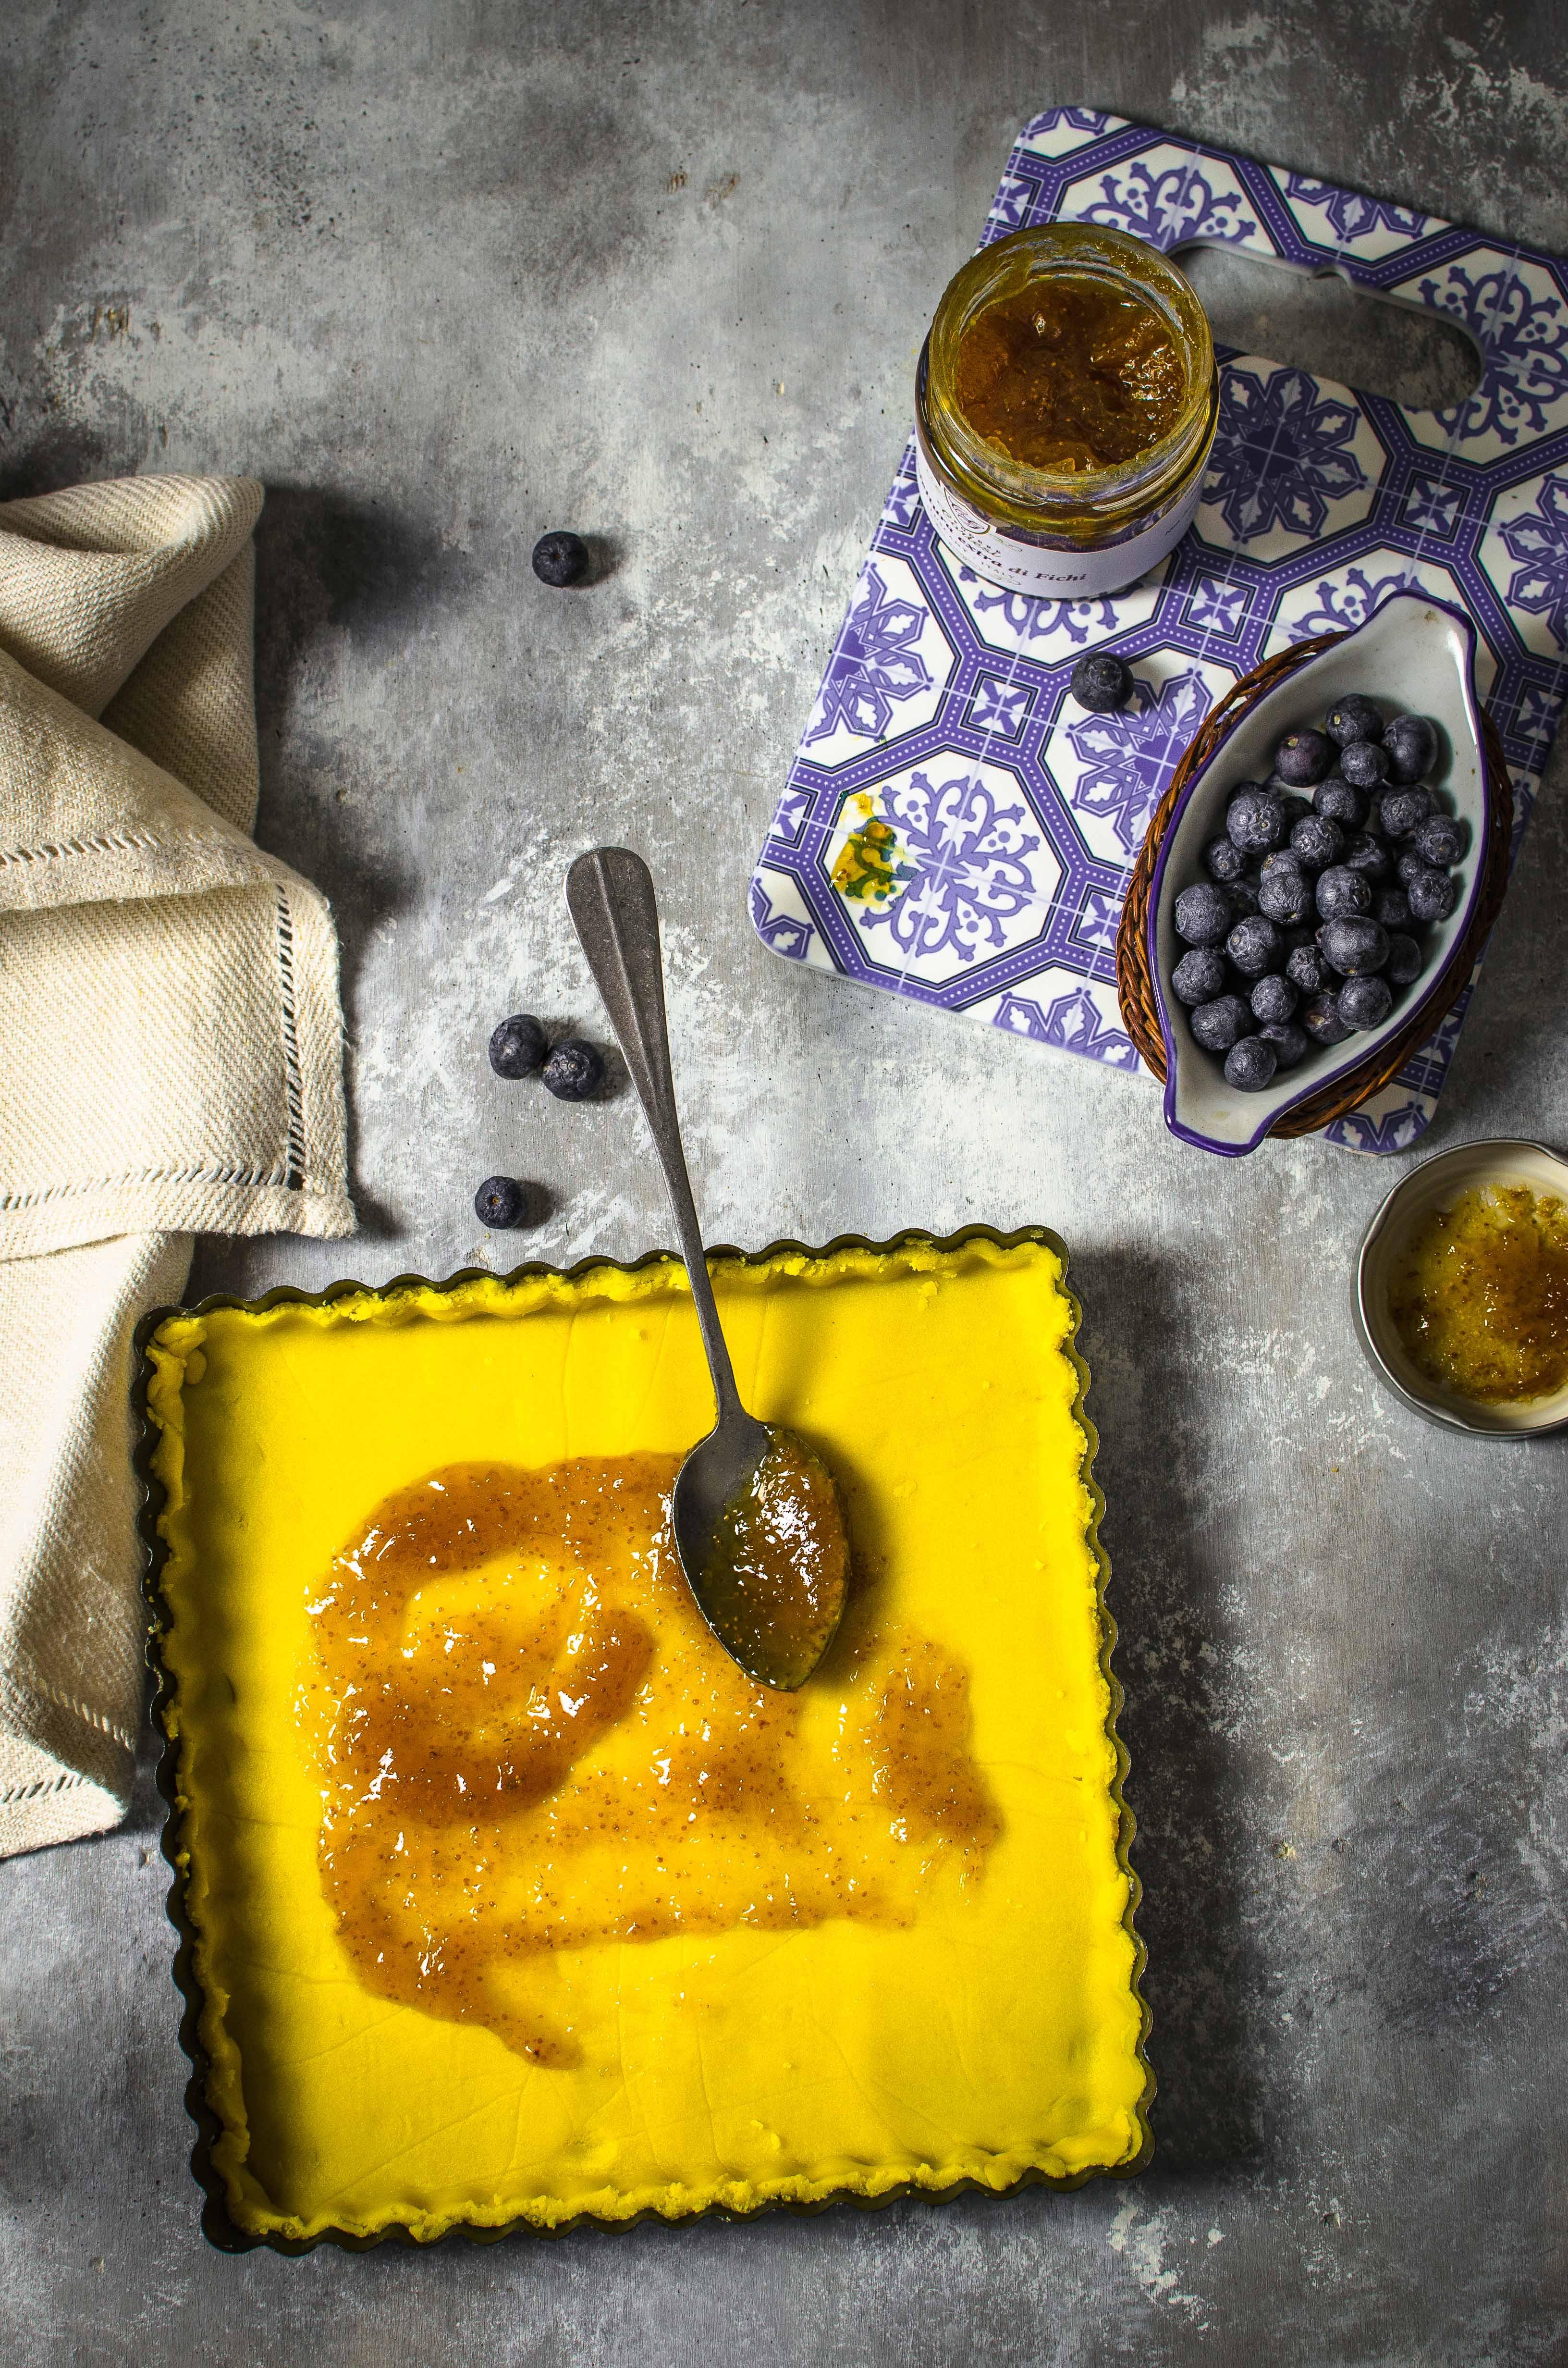 corstata-farina-mais Crostata con farina di mais, confettura di fichi e mirtilli freschi